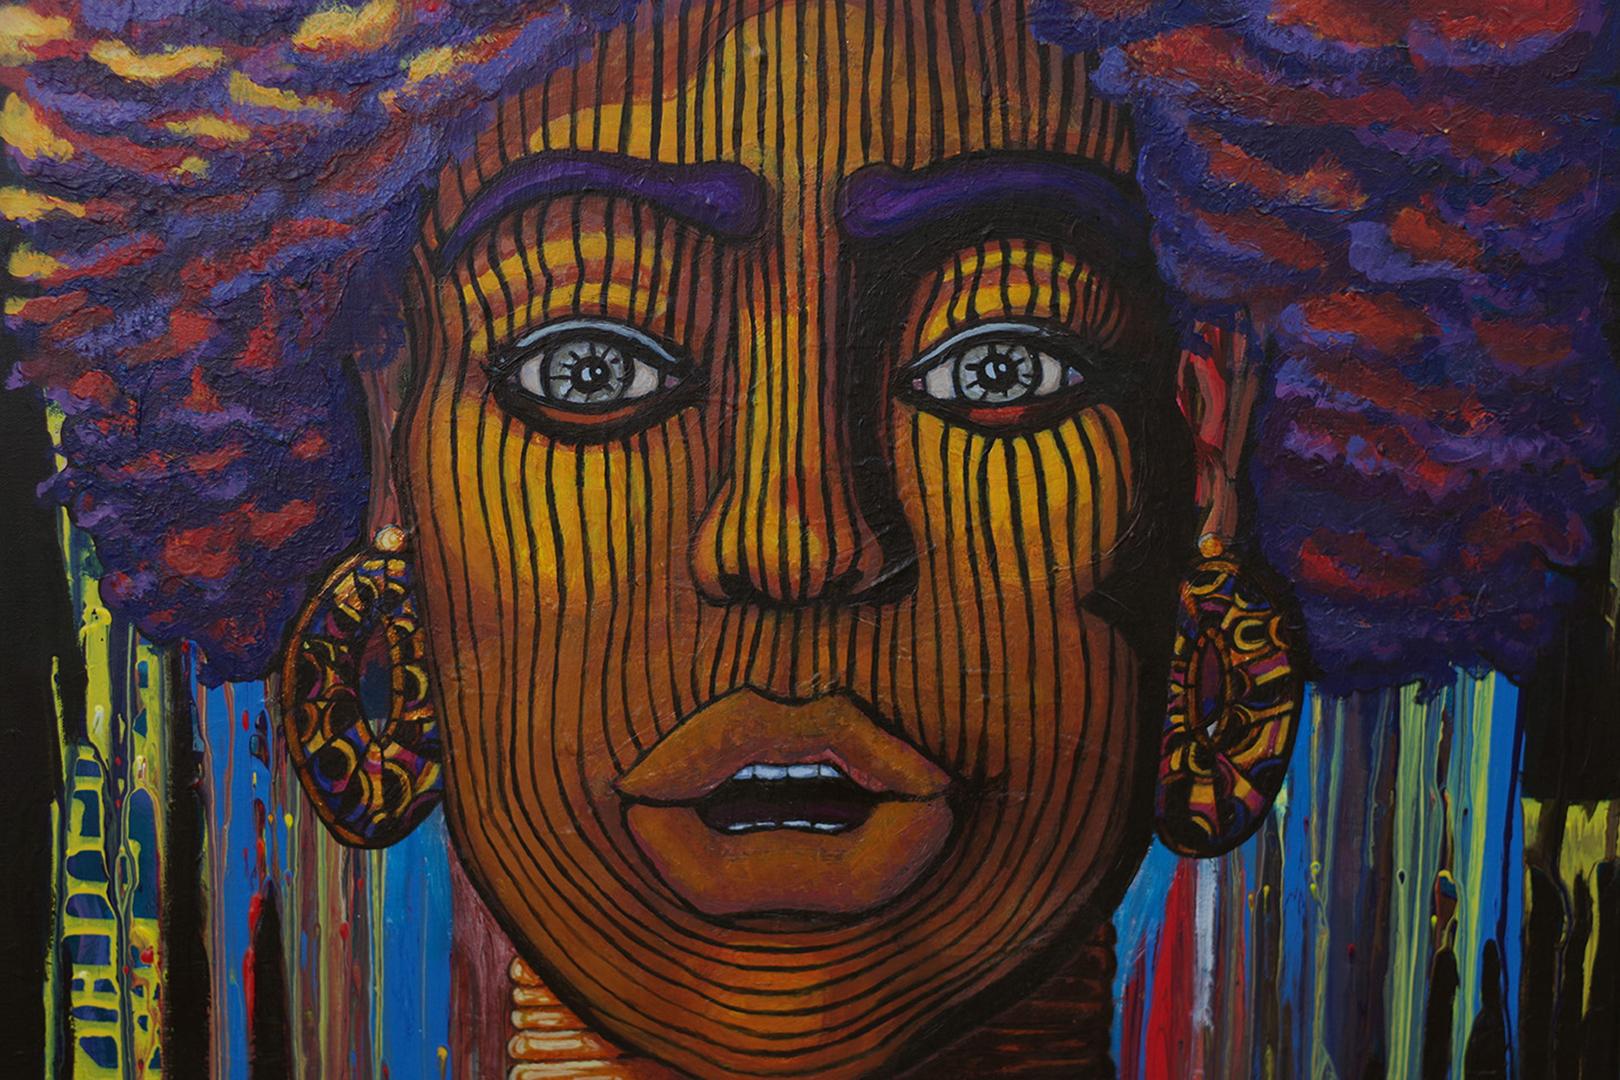 Portrait de femme, acrylique sur toile, 100 x 65 cm, septembre 2019, Lille, France